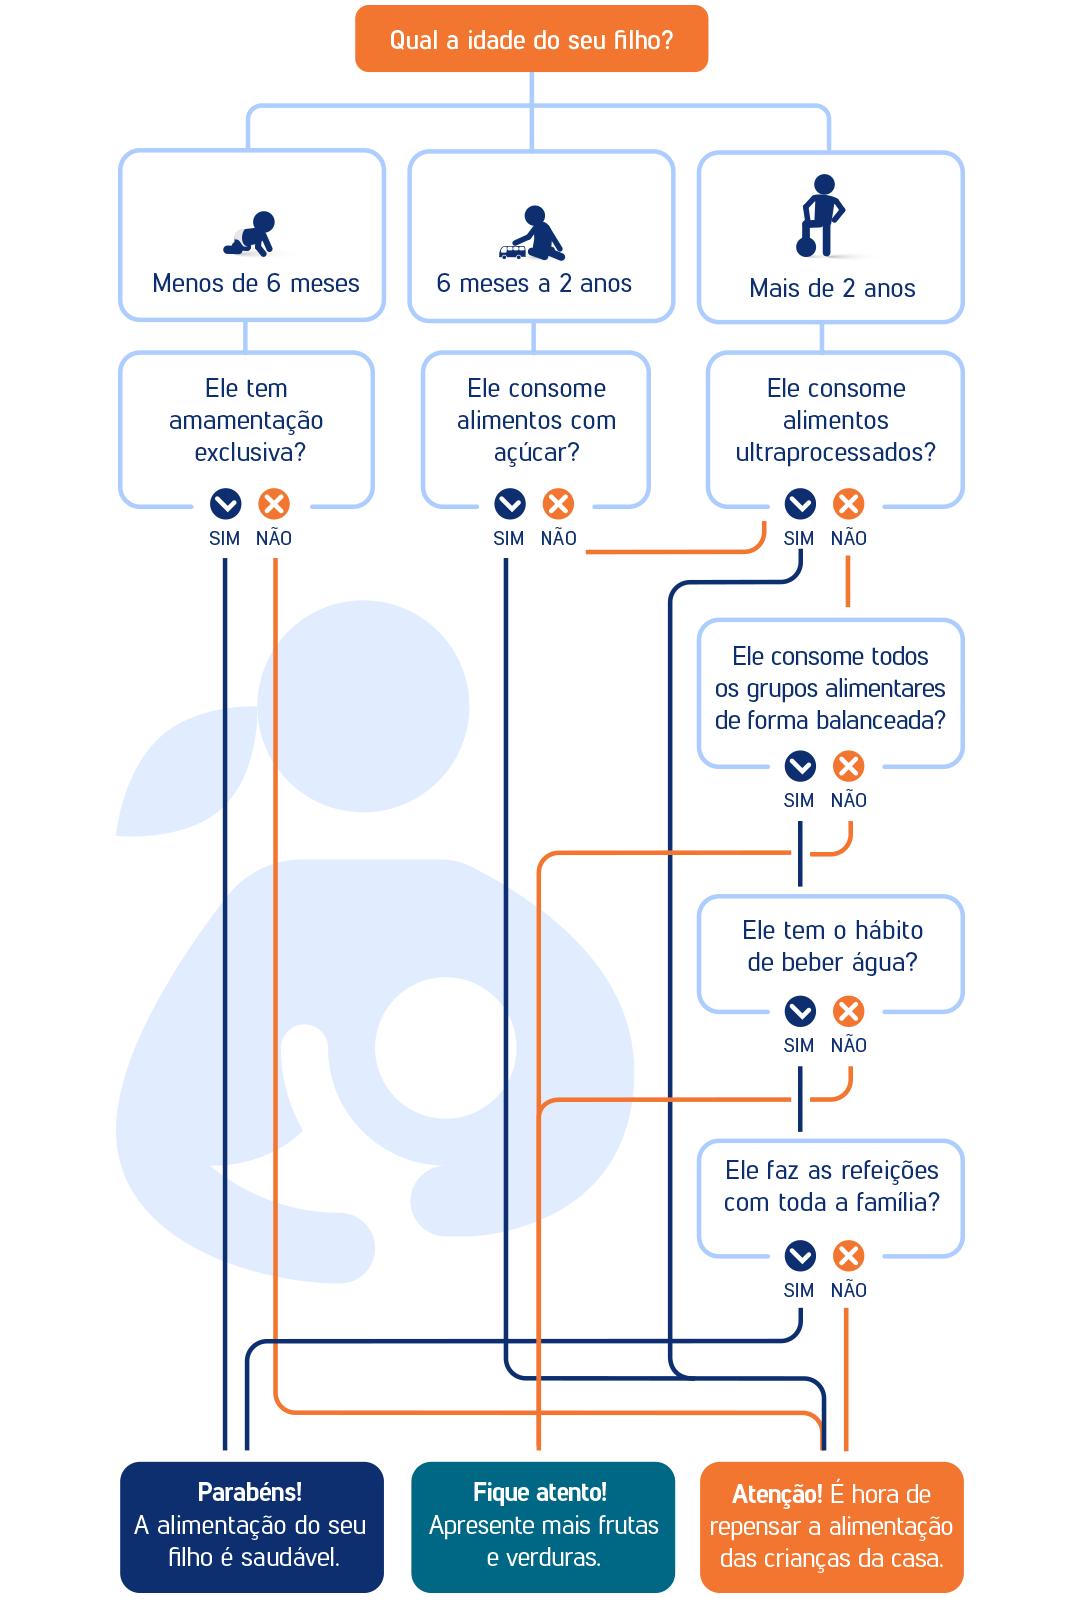 sulamerica_2020_obesidade_infantil_v02_19